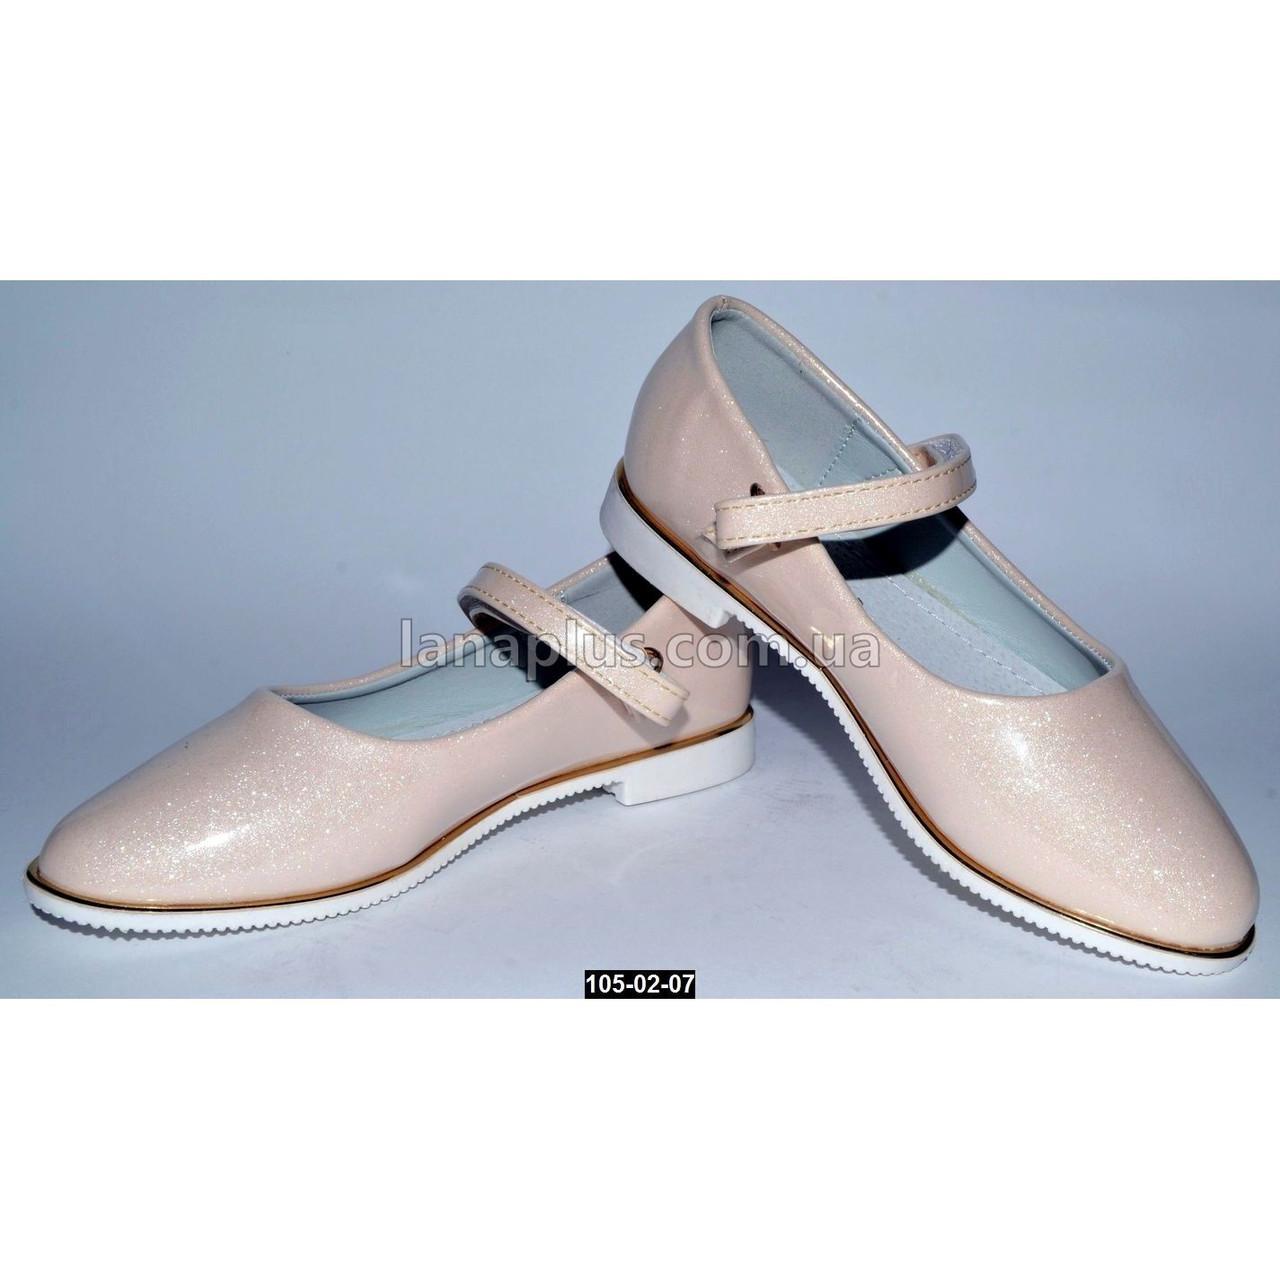 Нарядные туфли для девочки, 27 размер (18.5 см), кожаная стелька, супинатор